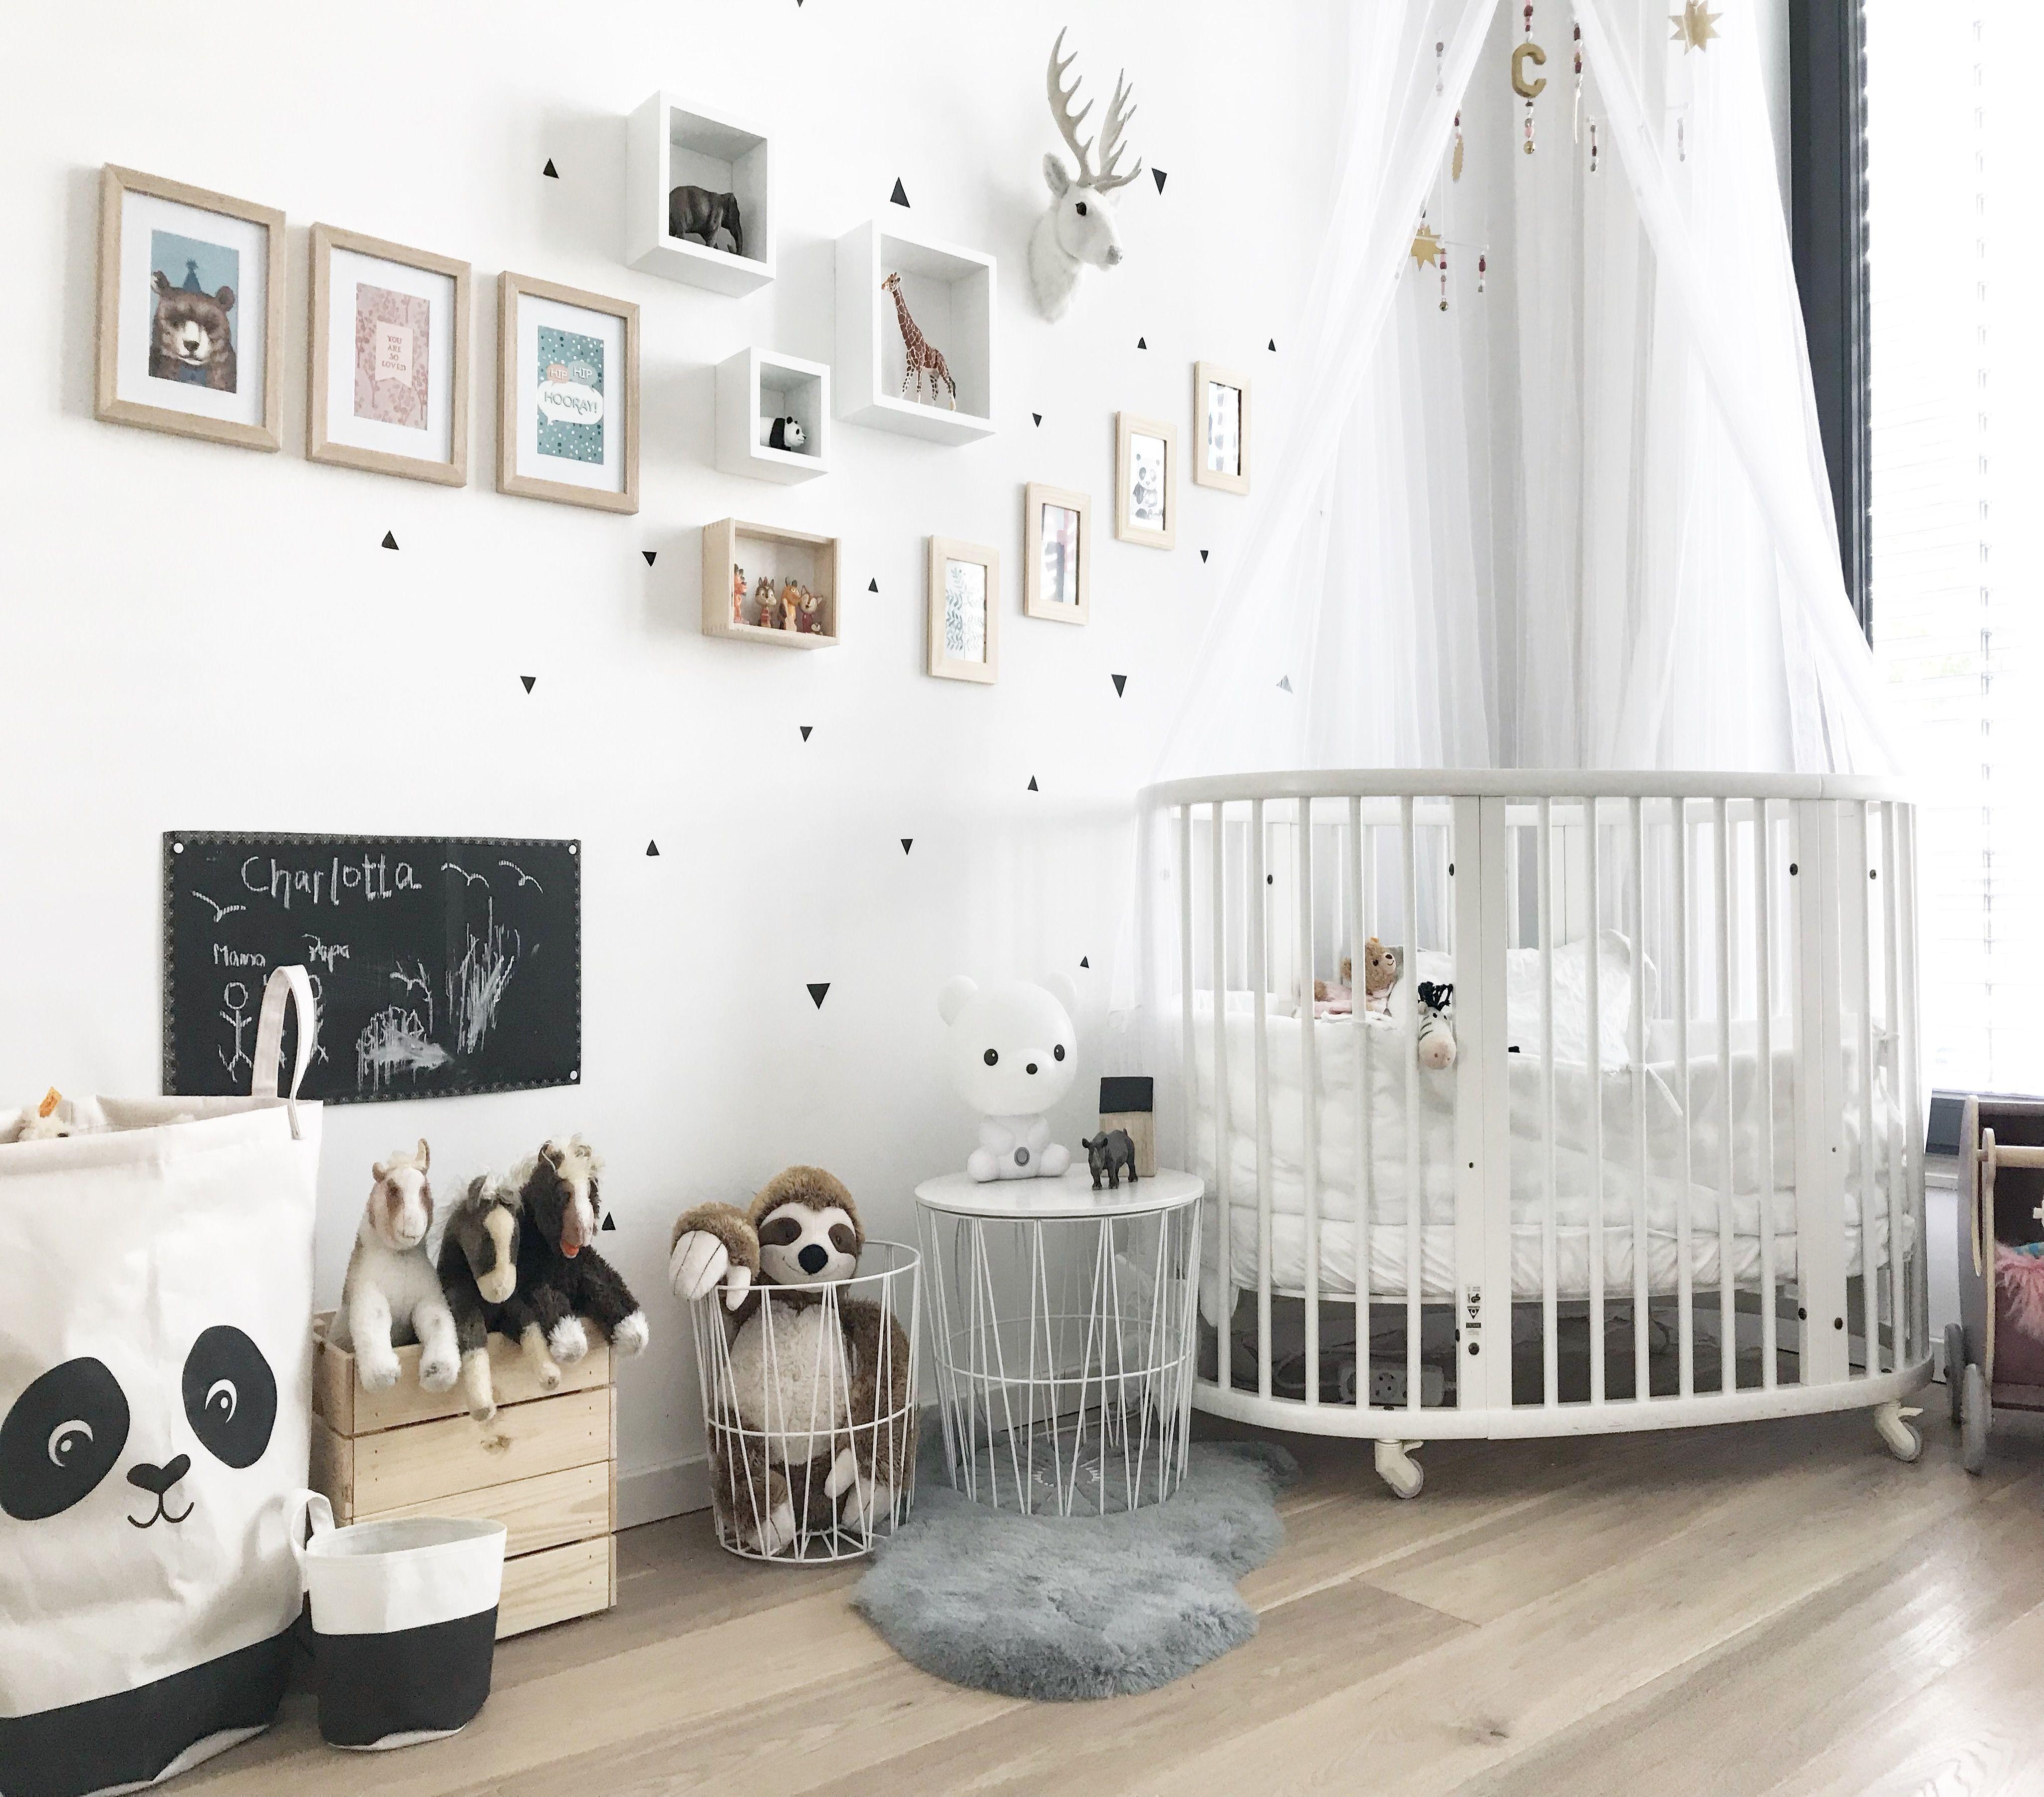 Home design bildergalerie kinderzimmer kinderzimmerdeko tierisch unisexzimmer mädchenzimmer